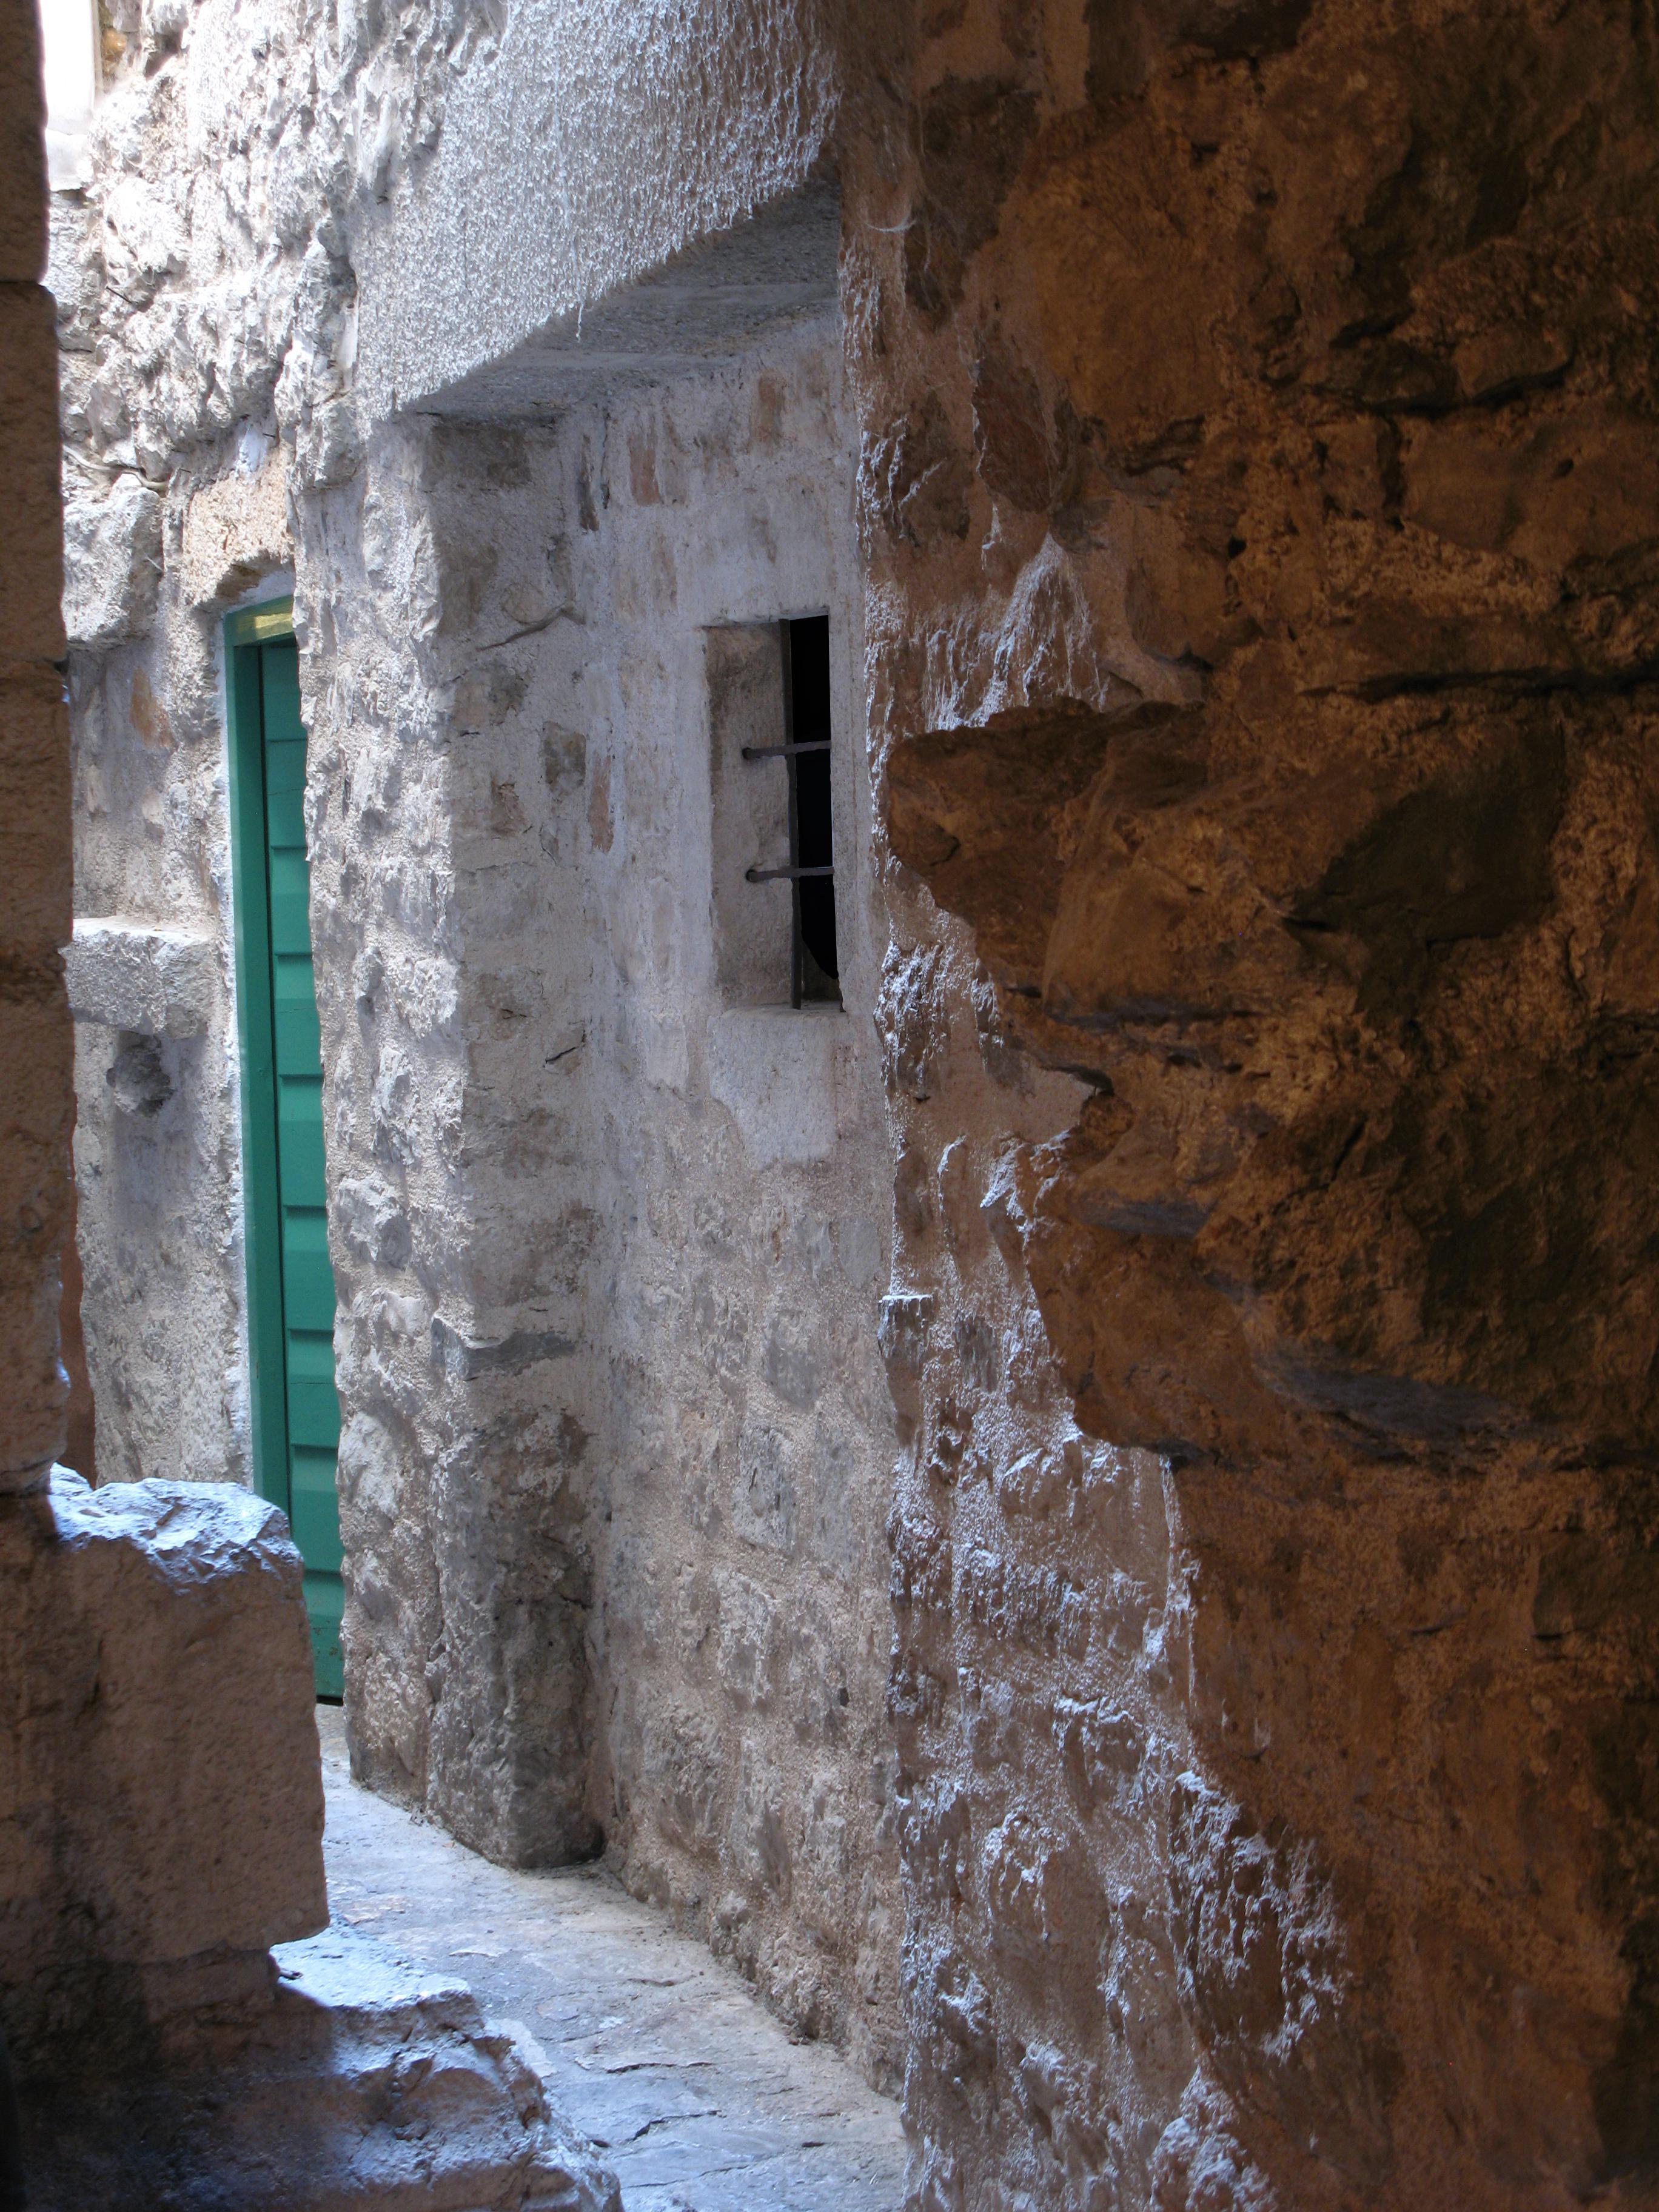 An underground corridor